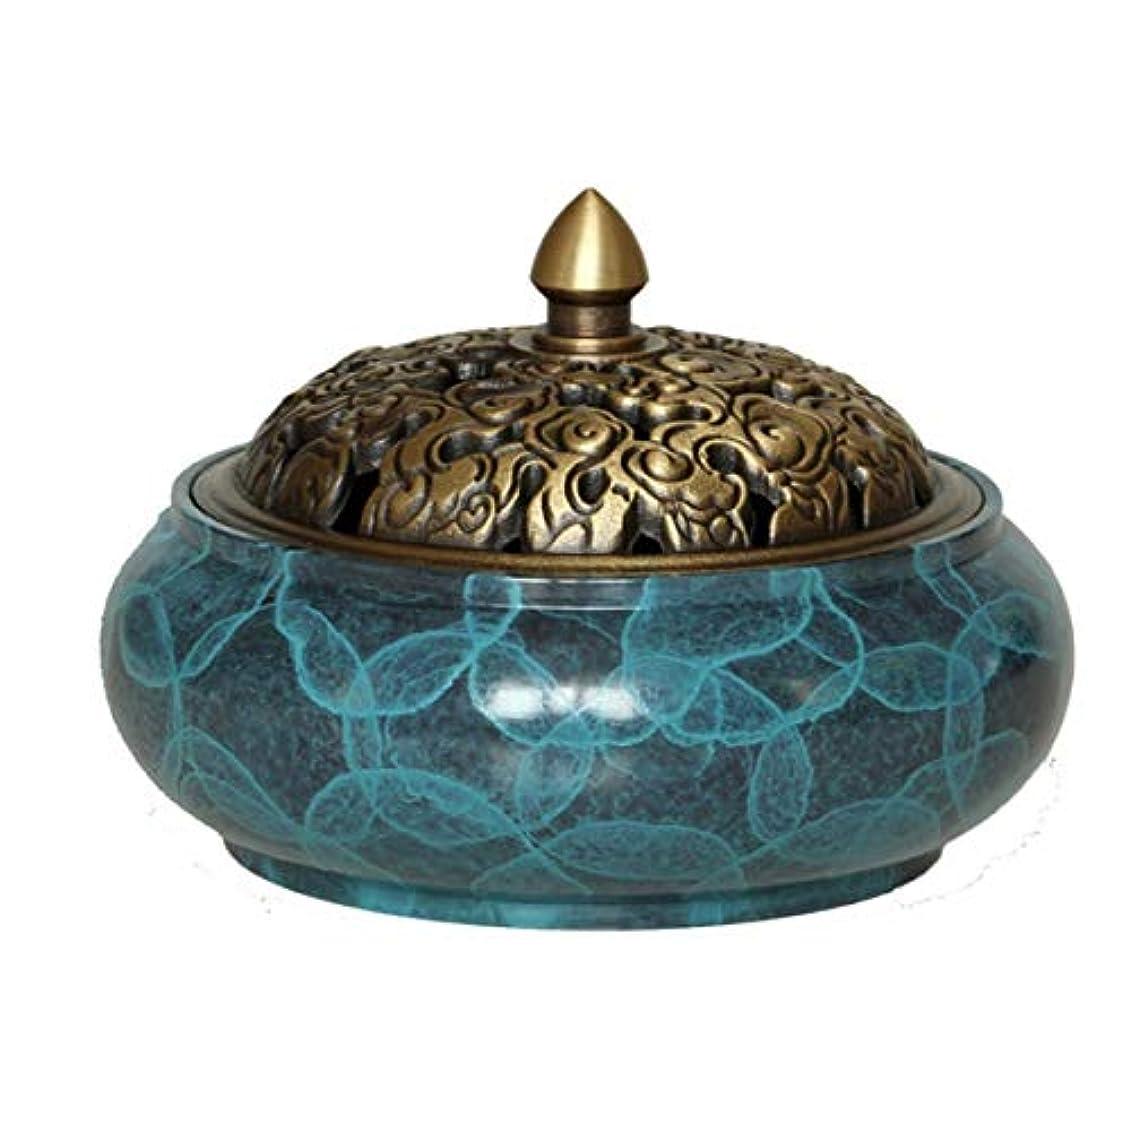 告白するきらきら大洪水銅線香ホルダーバーナー銅製の灰キャッチャートレイボウル、家、オフィス、茶屋、瞑想、ヨガなどのための真鍮線香ホルダー